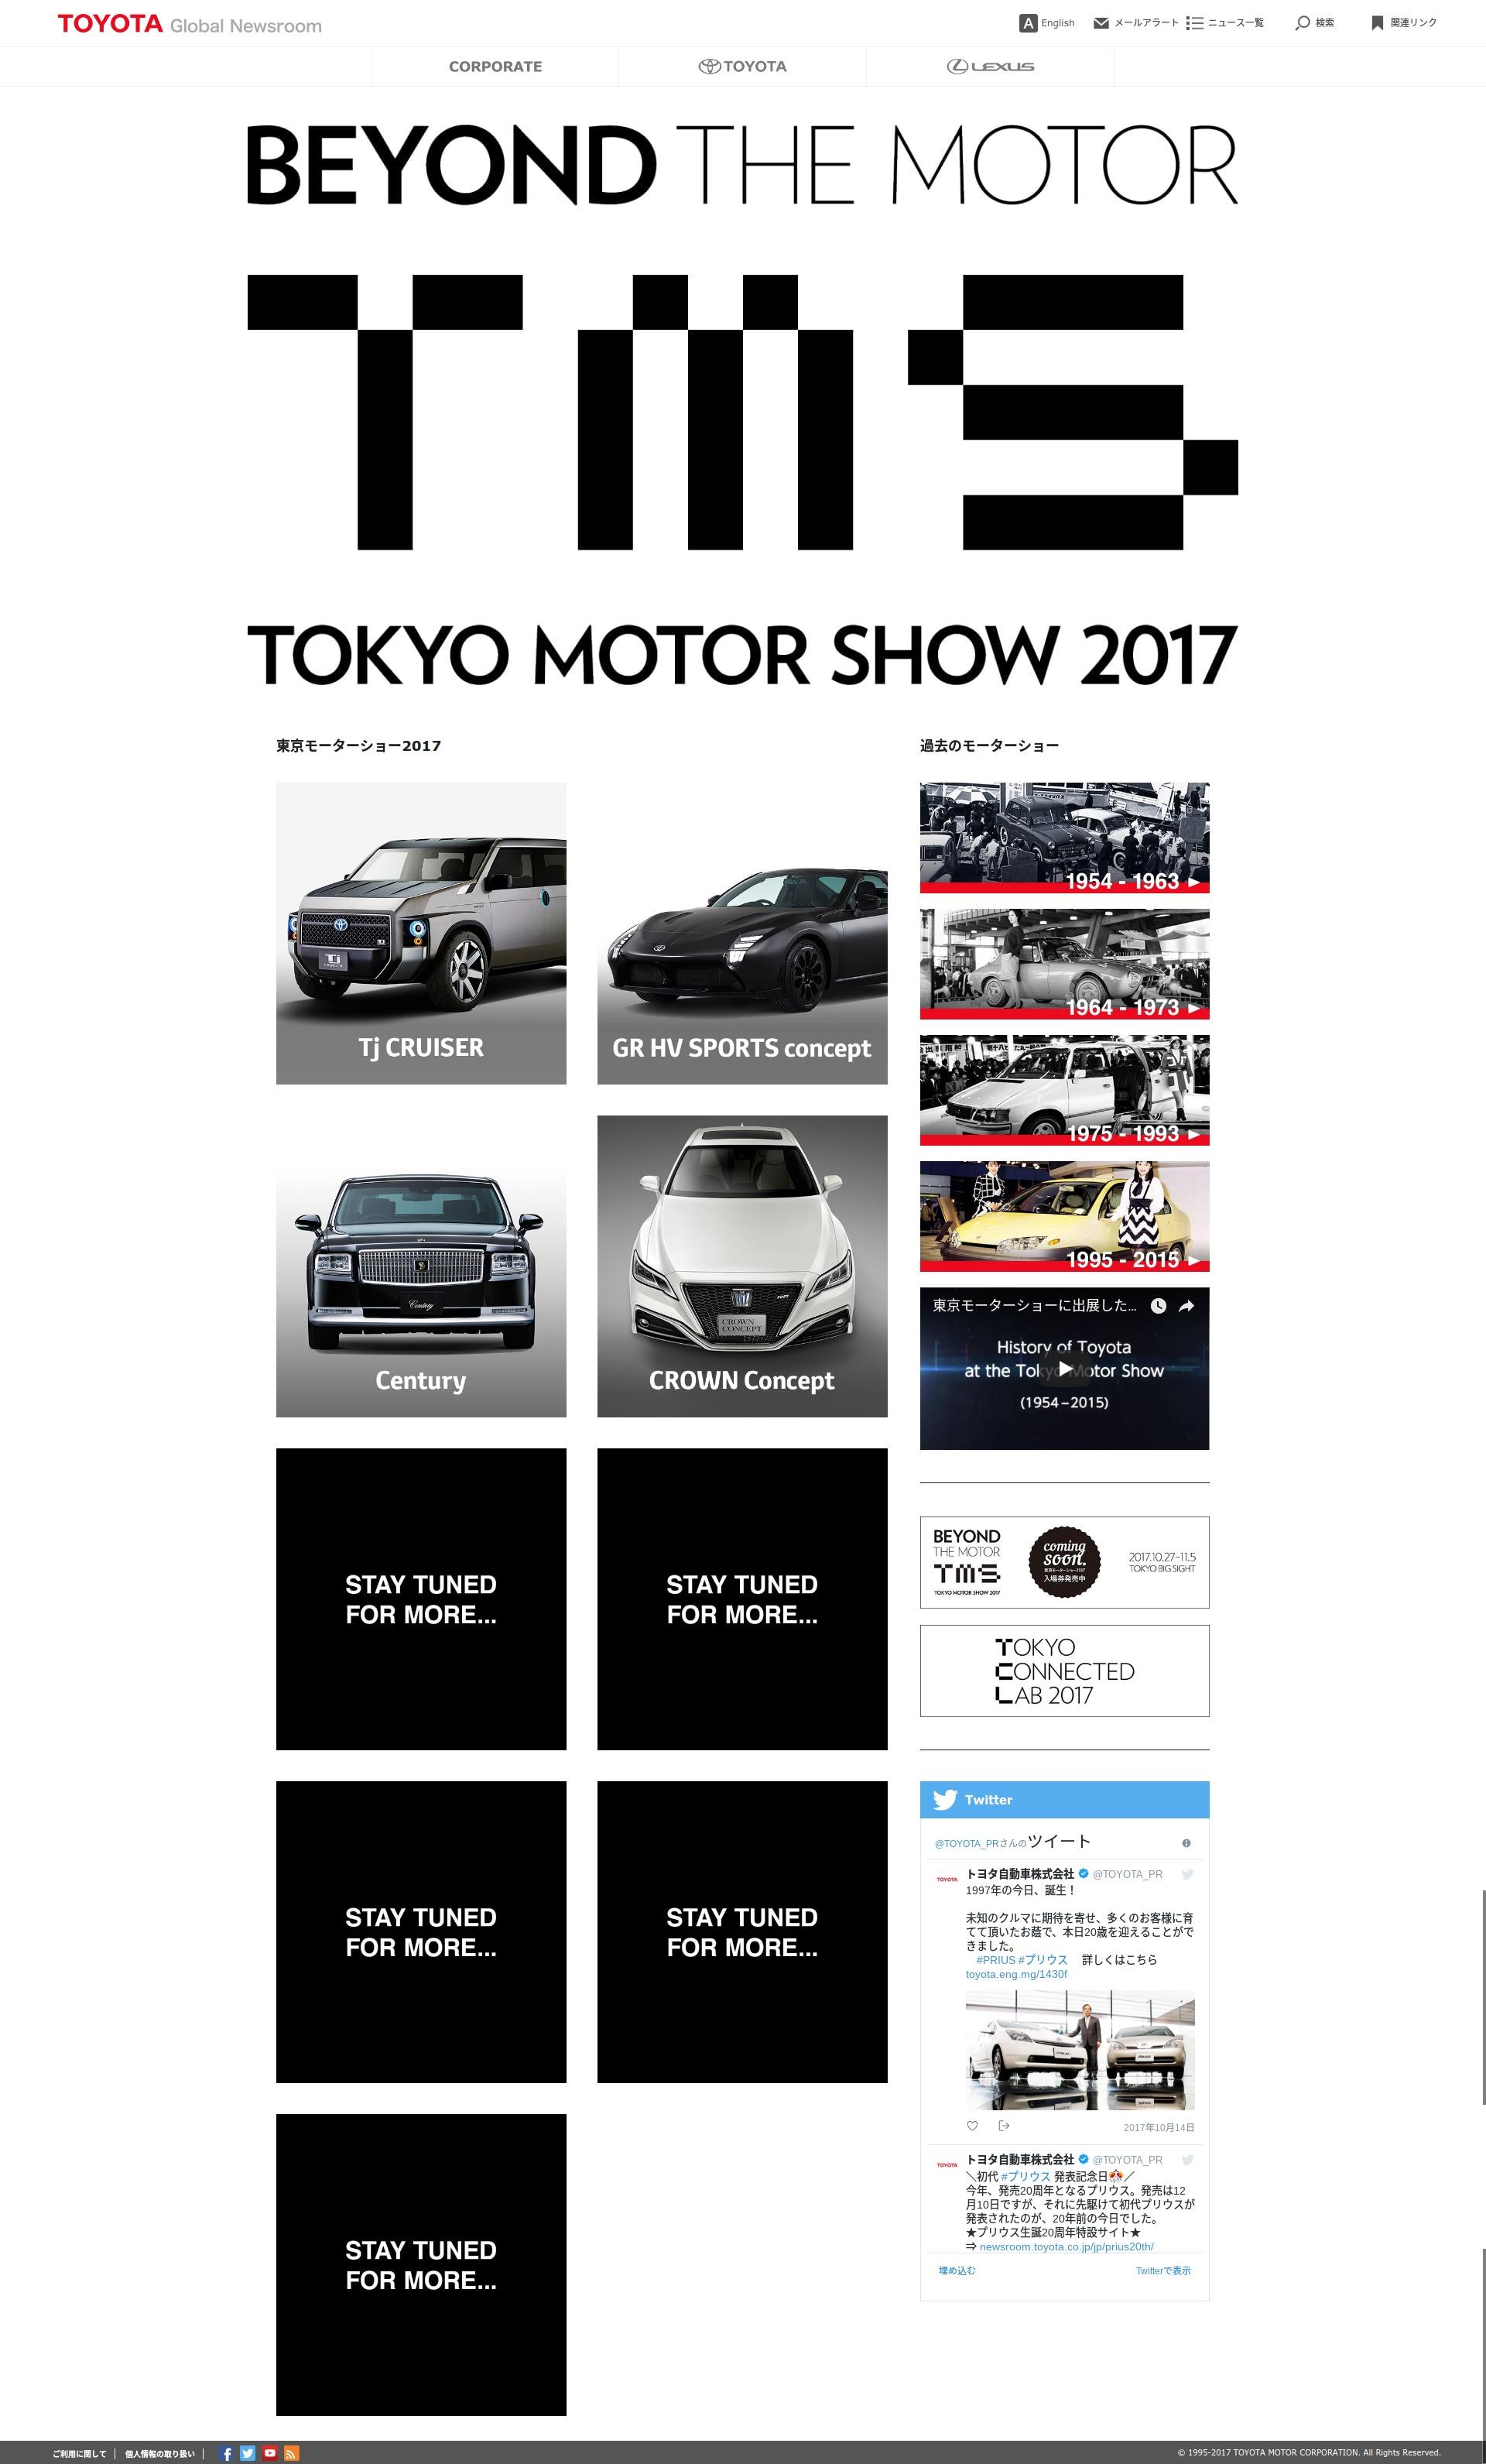 東京モーターショー2017 特設サイト トヨタグローバルニュースルーム (2)